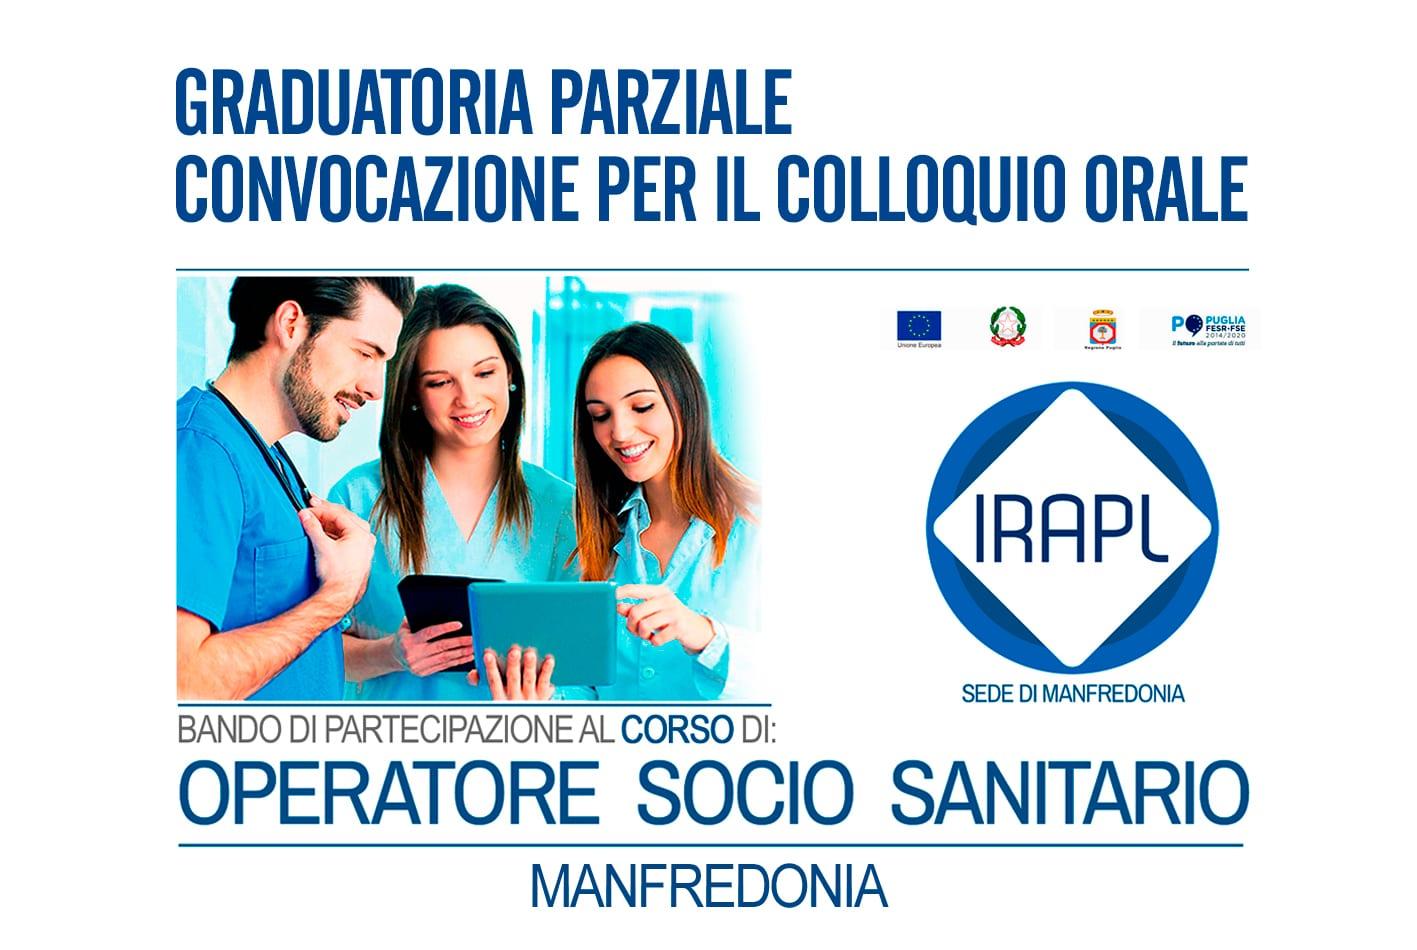 Graduatoria Parziale e Convocazione per il Colloquio Orale - Corso Operatore Socio Sanitario OSS  IRAPL sede di Manfredonia